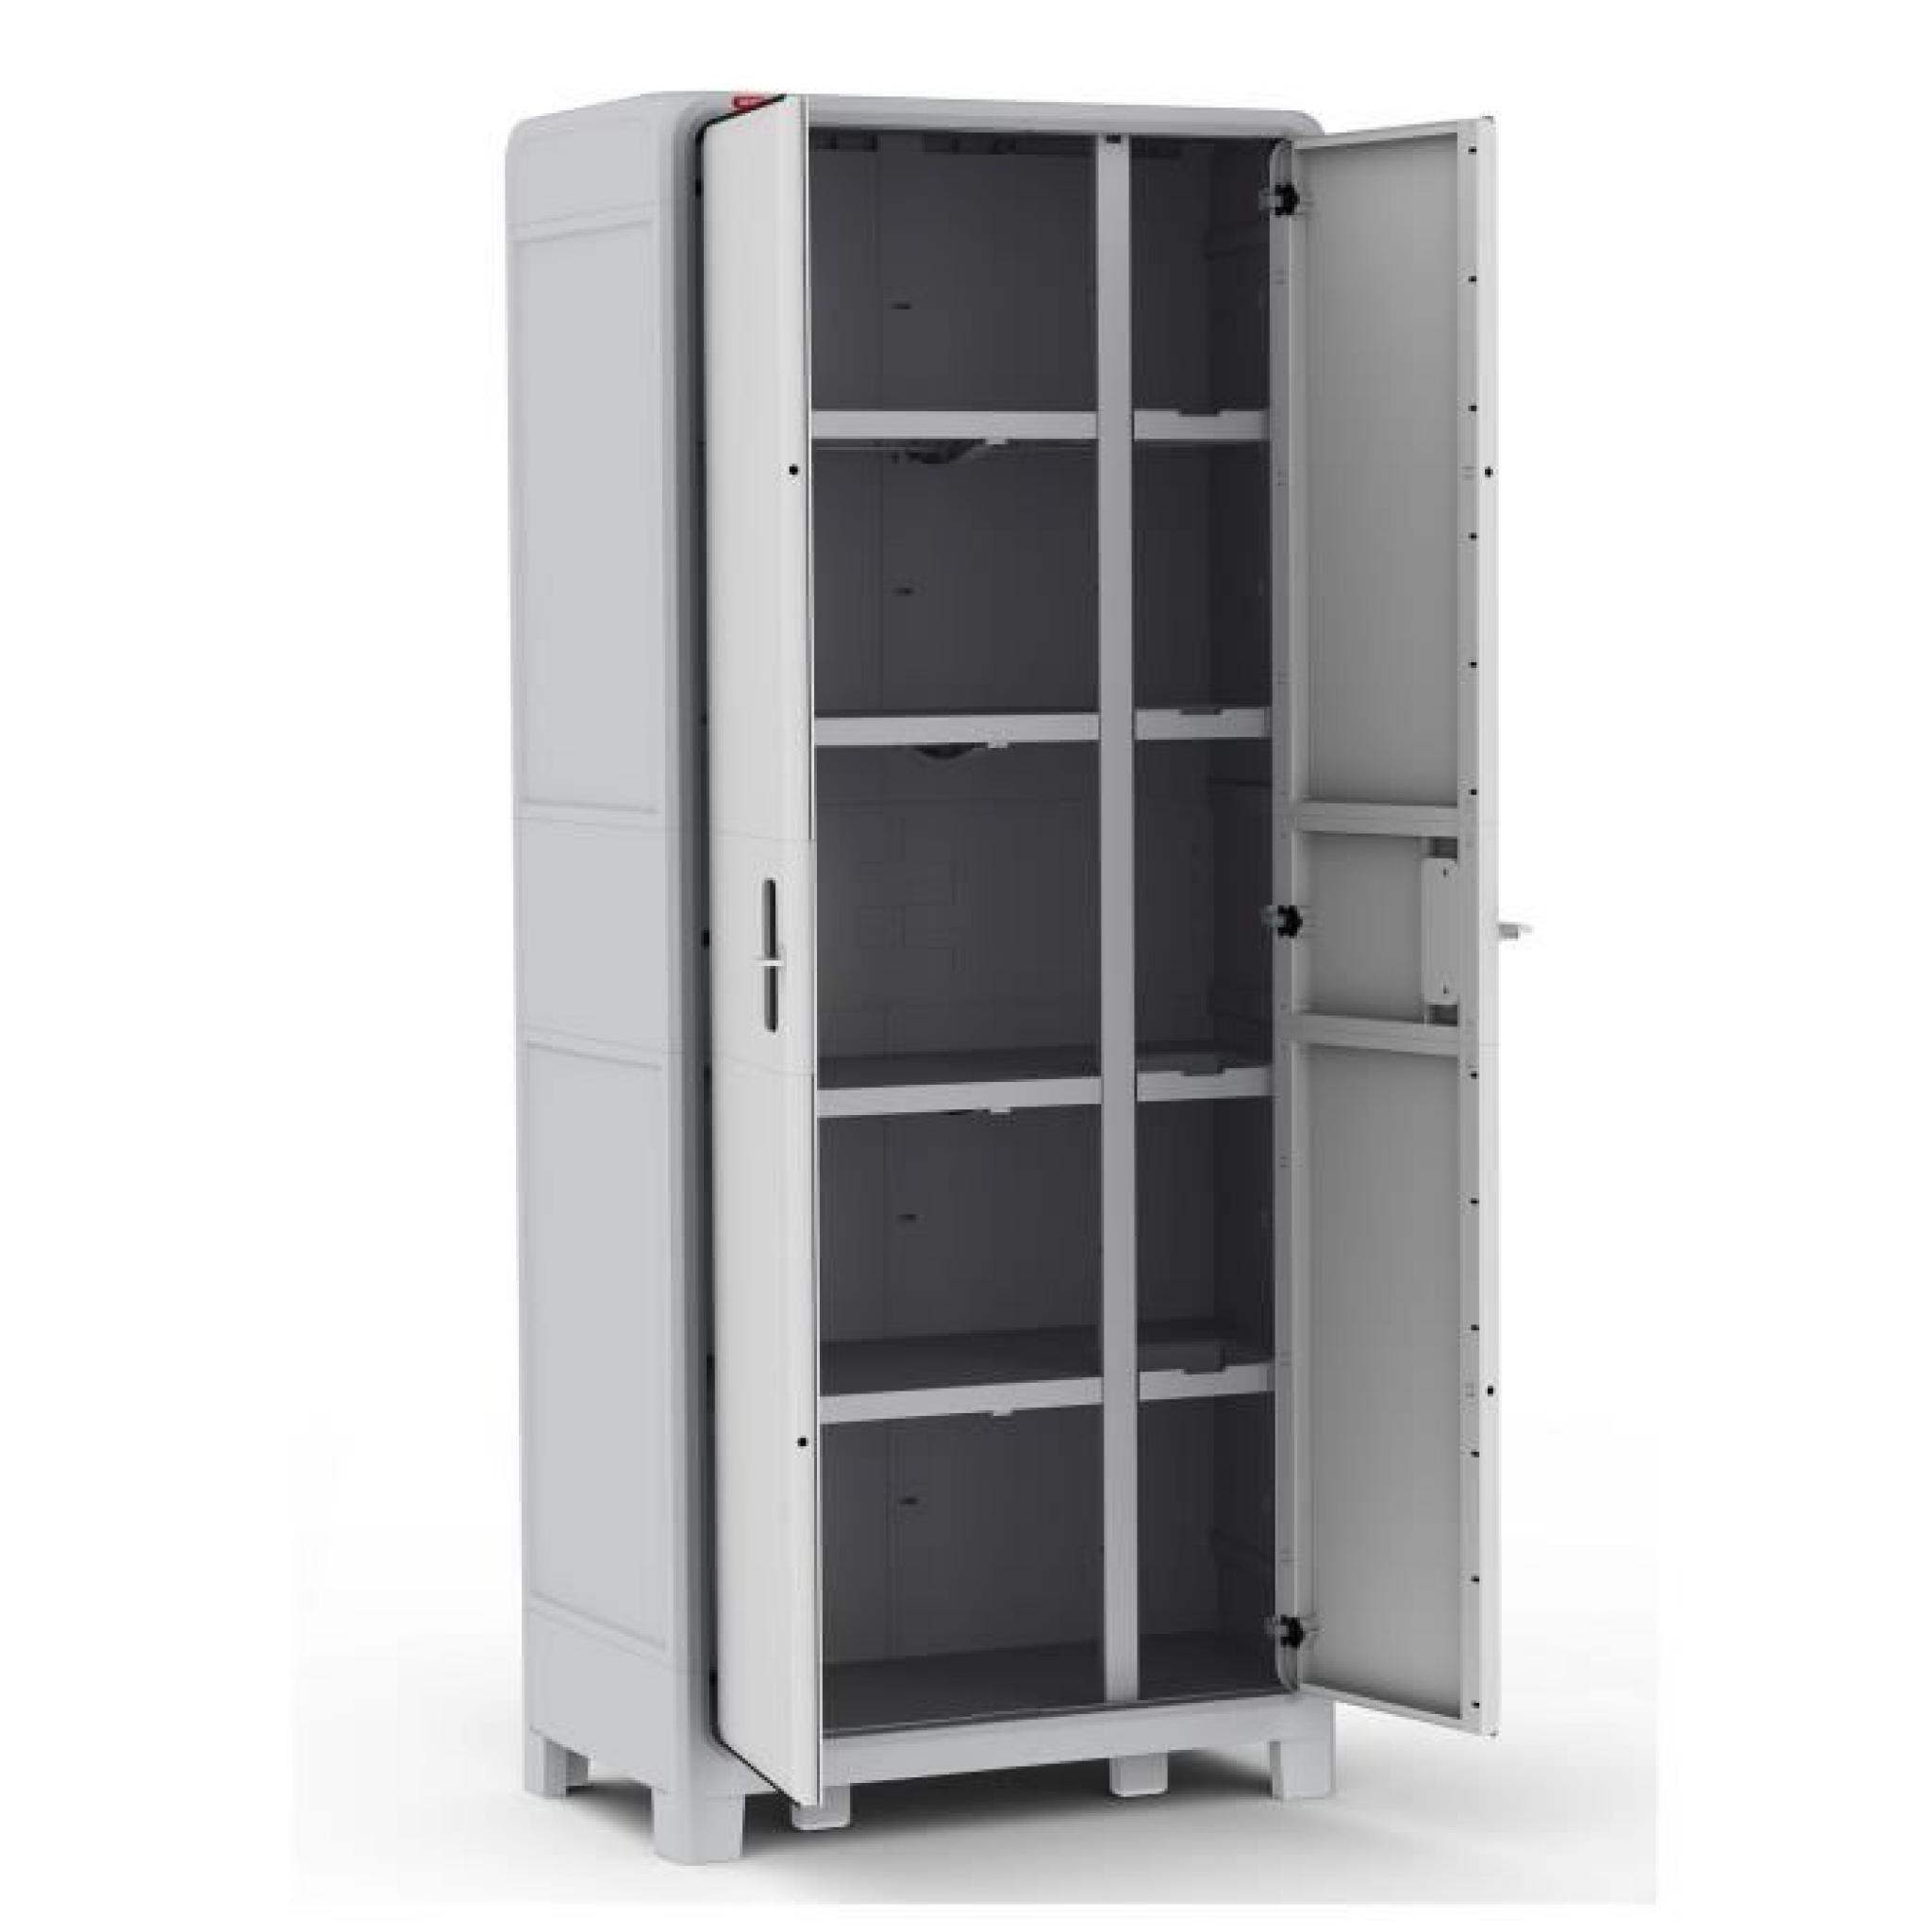 Optima armoire haute gris blanc achat vente armoire de chambre pas cher c - Achat armoire pas cher ...